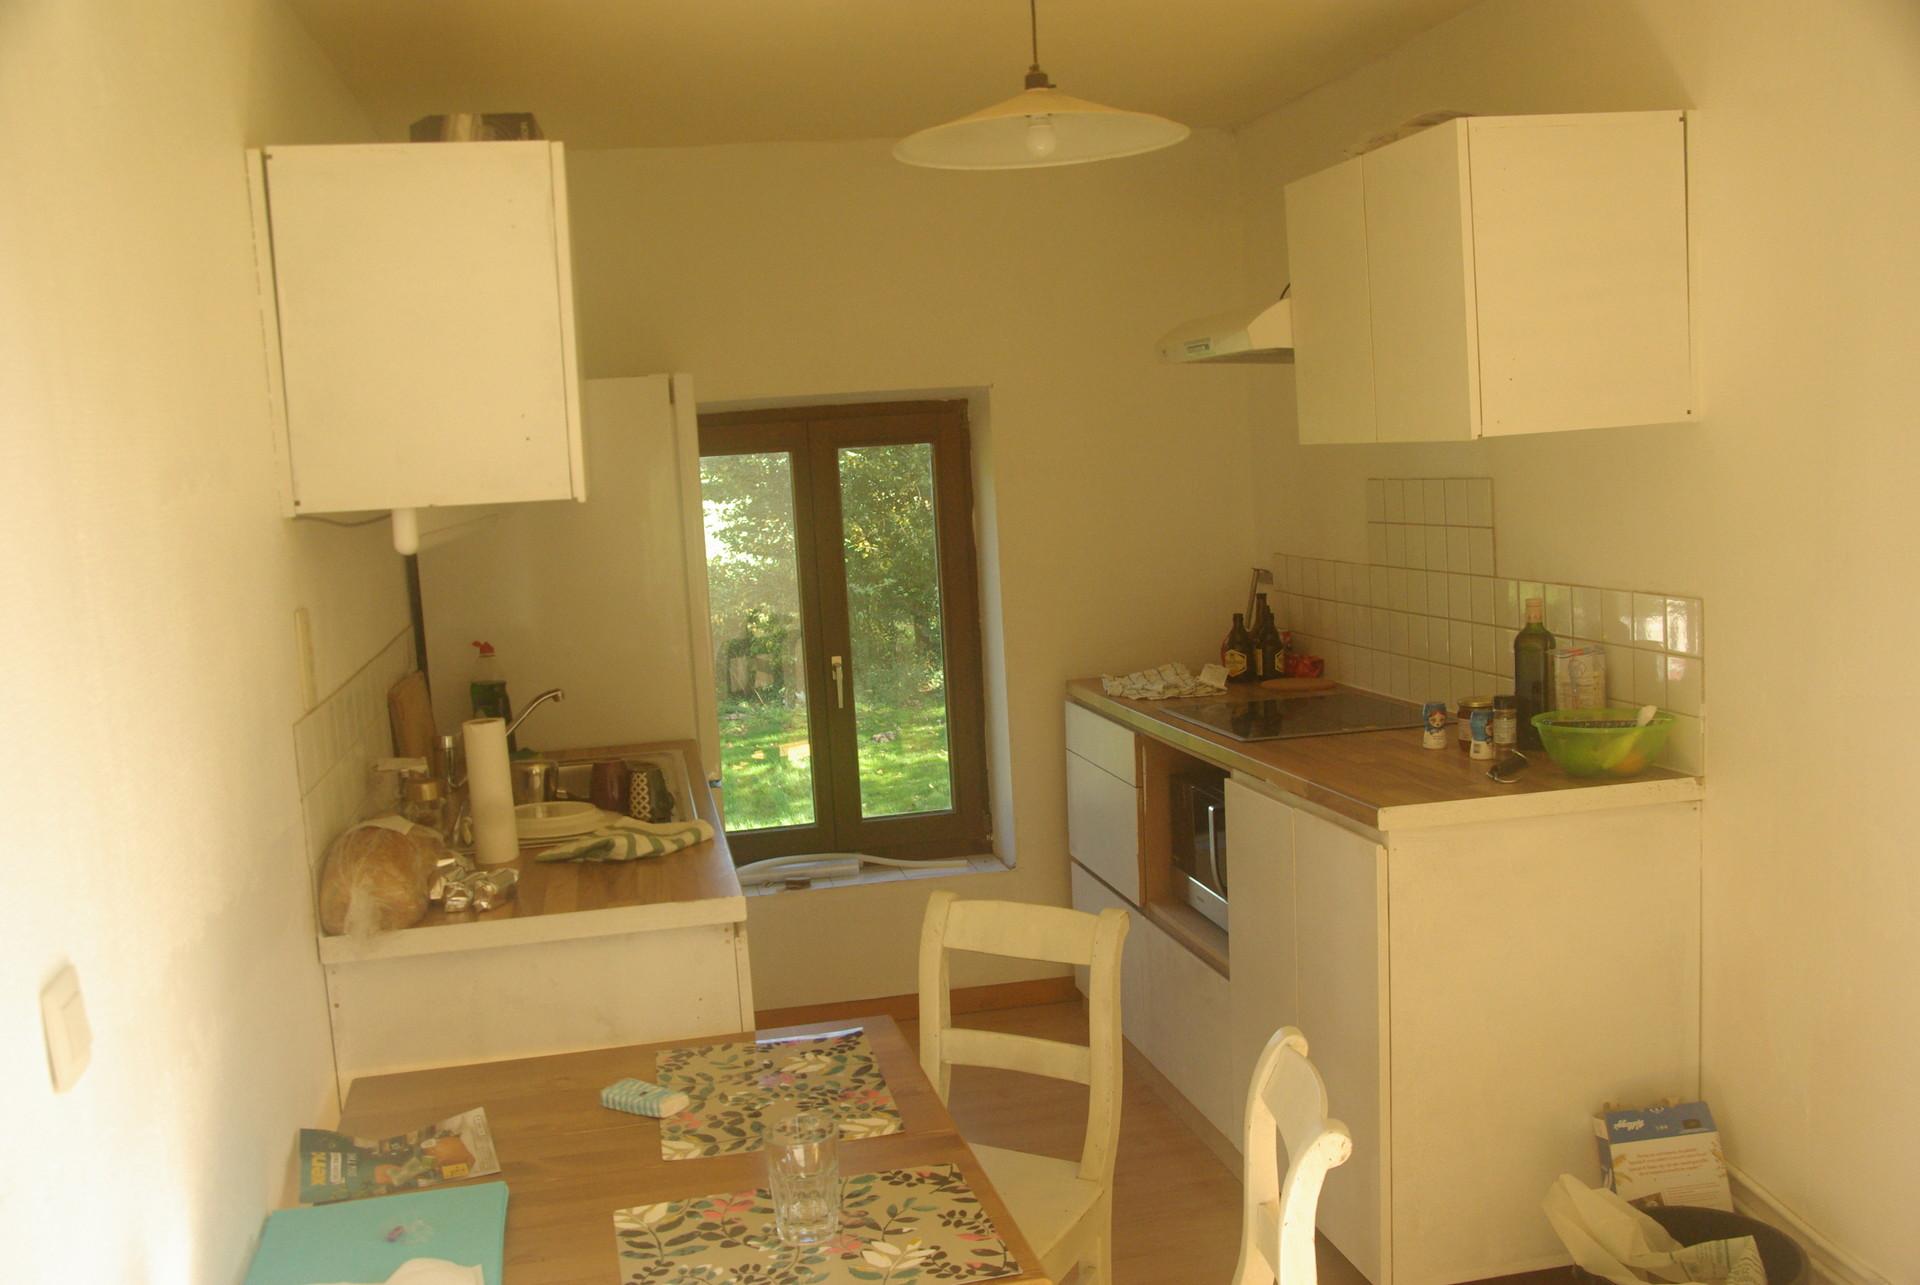 appartement rnov pour colocation de 2 personnes  Location chambres LouvainlaNeuve